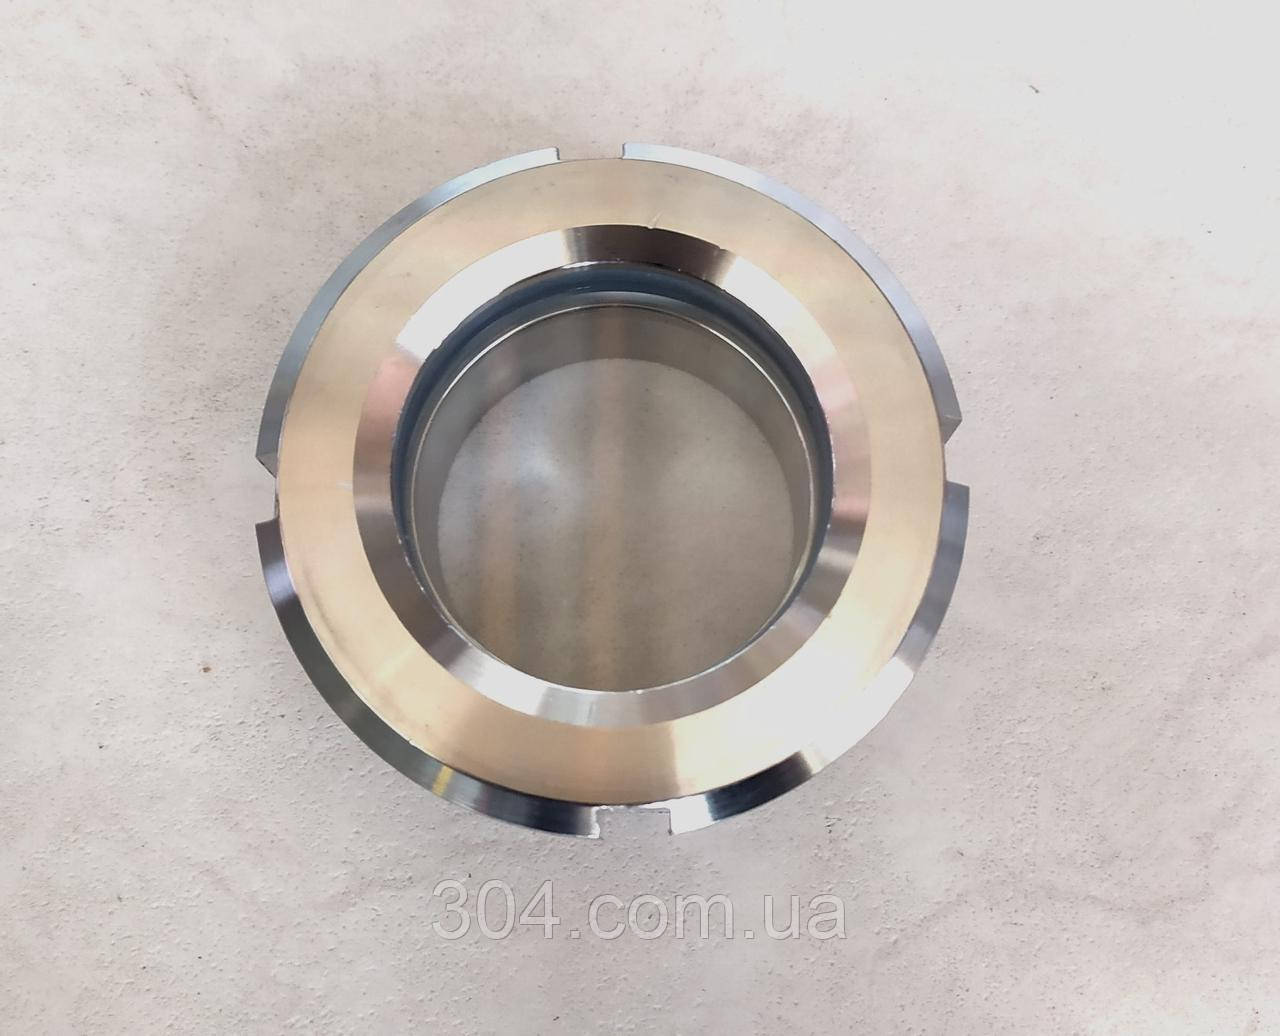 Диоптр плоский (Окно смотровое)DN38, AISI 304